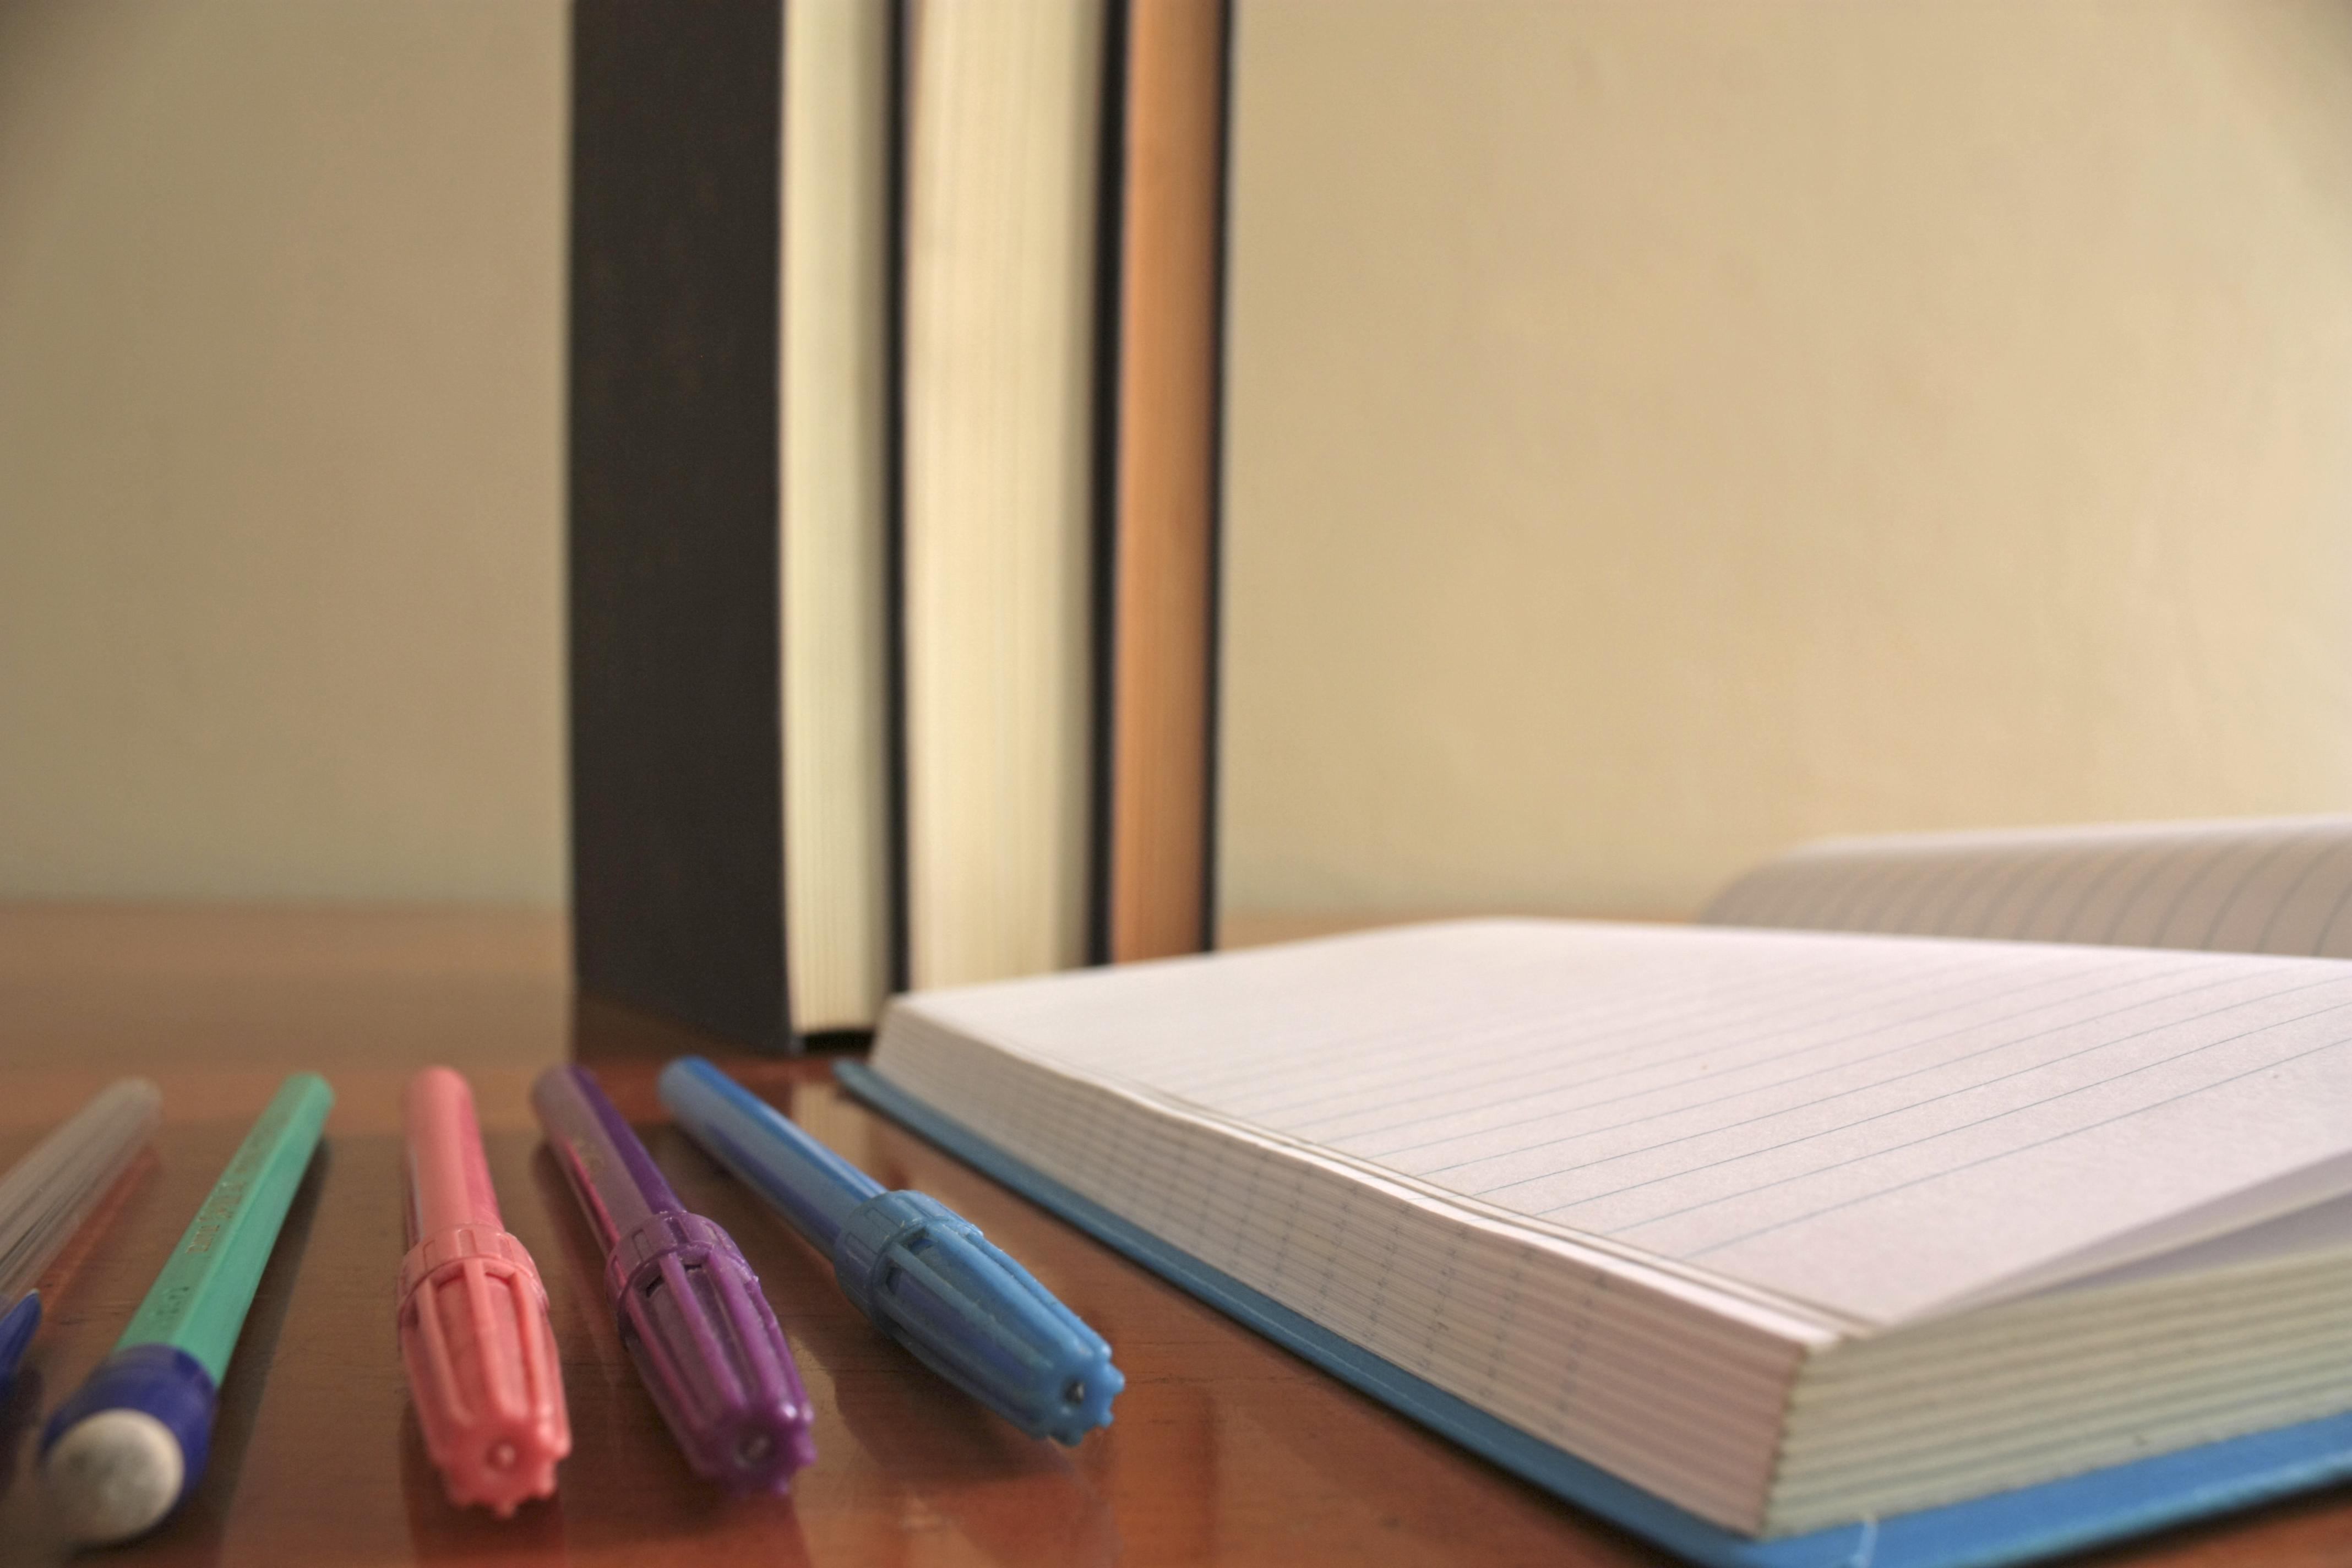 Fotos gratis : cuaderno, mesa, mueble, habitación, papel, diseño de ...